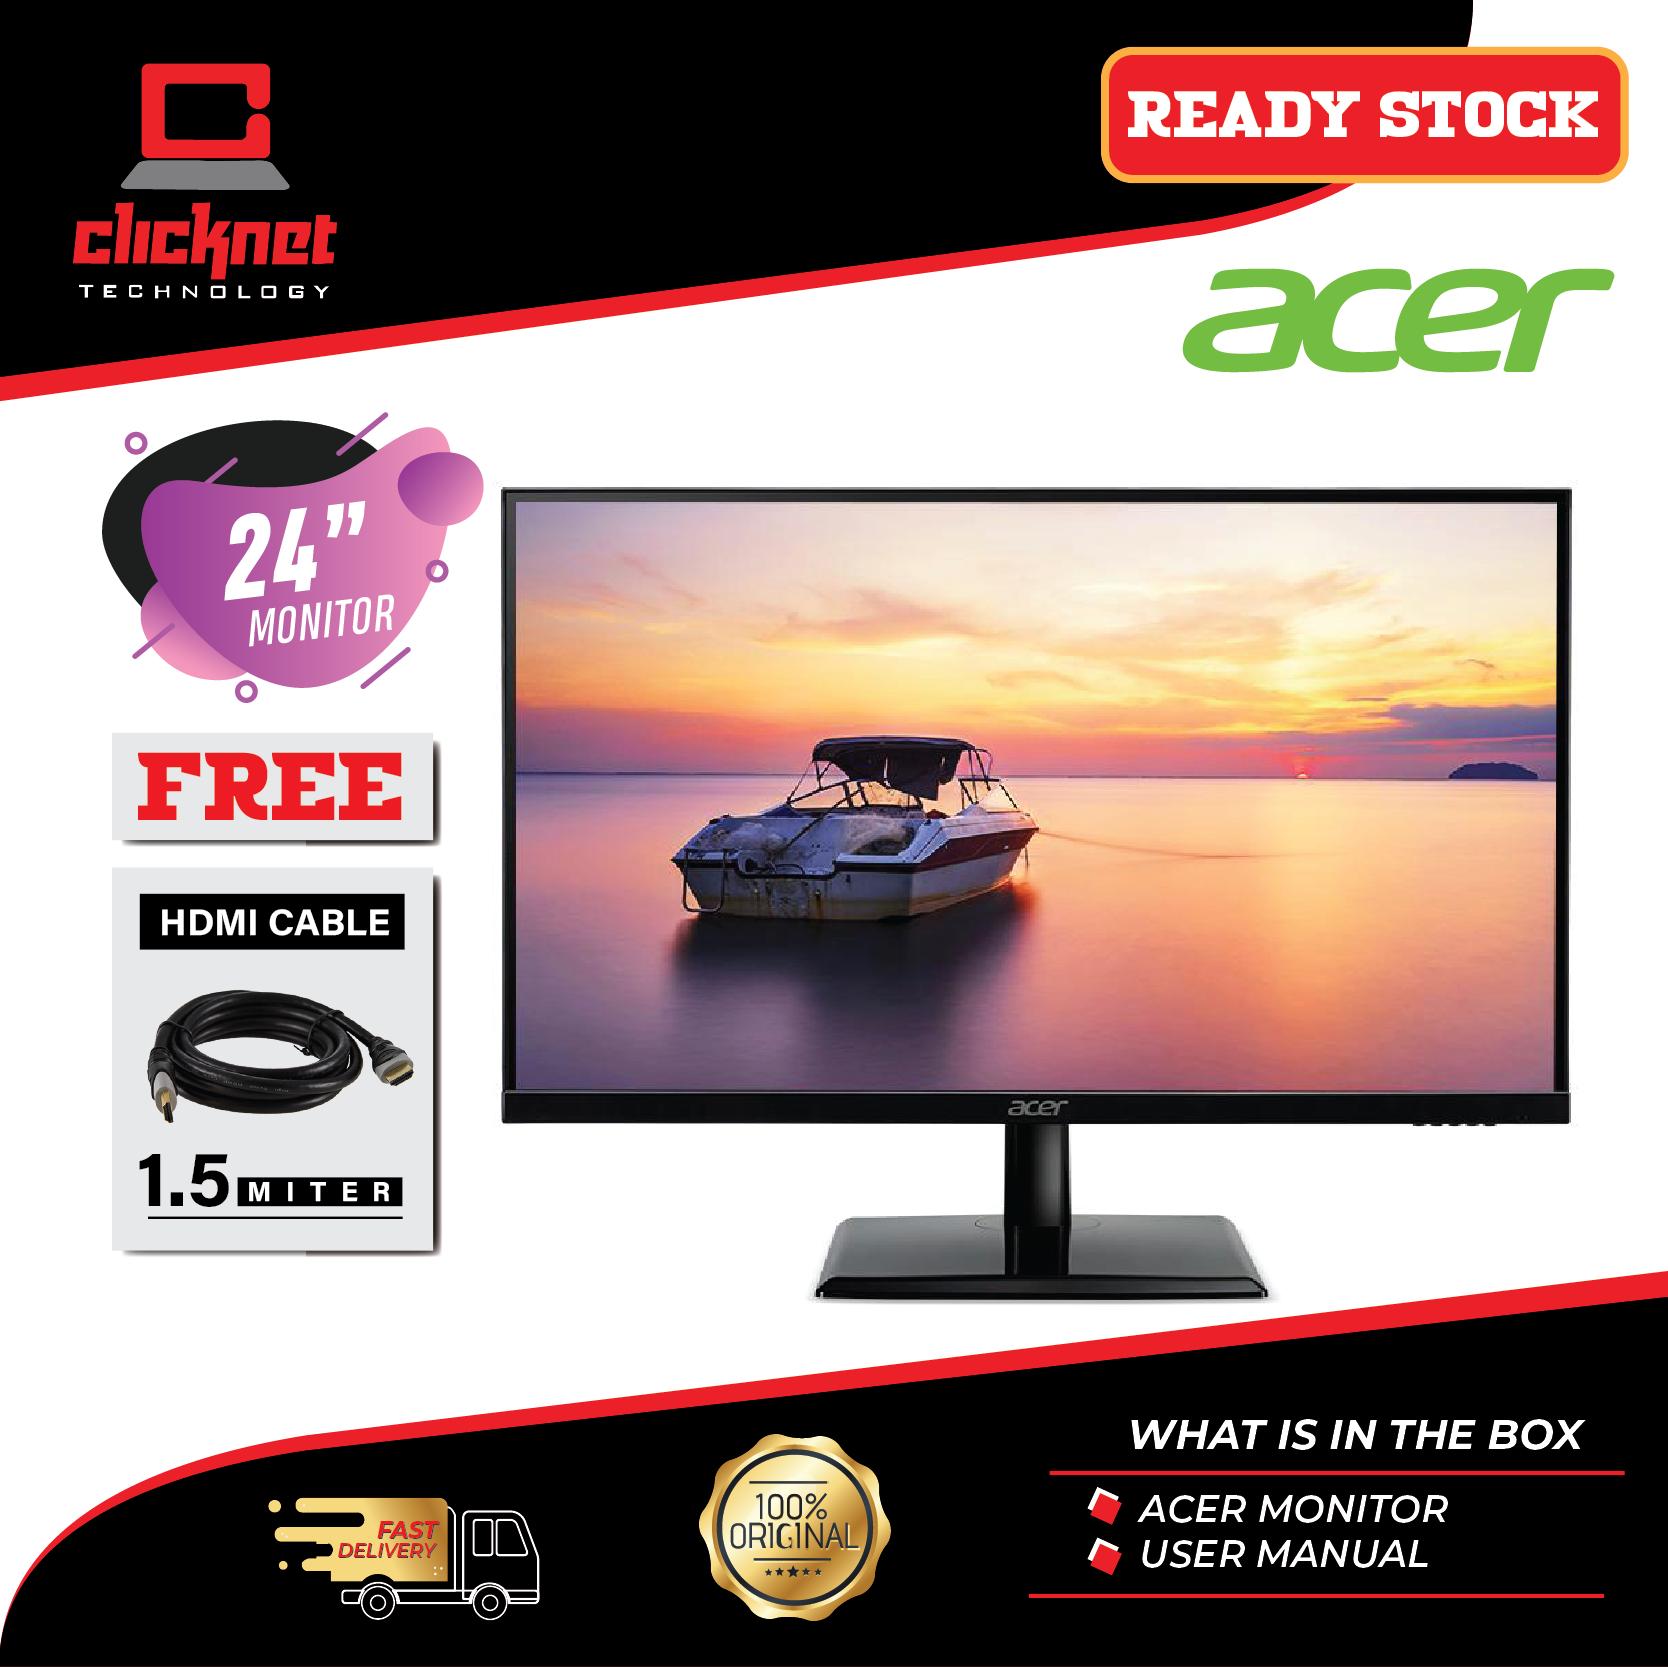 Acer 24-inch Monitor EK241Y IPS Full HD (1920 X 1080) Black (HDMI, VGA Port) Malaysia